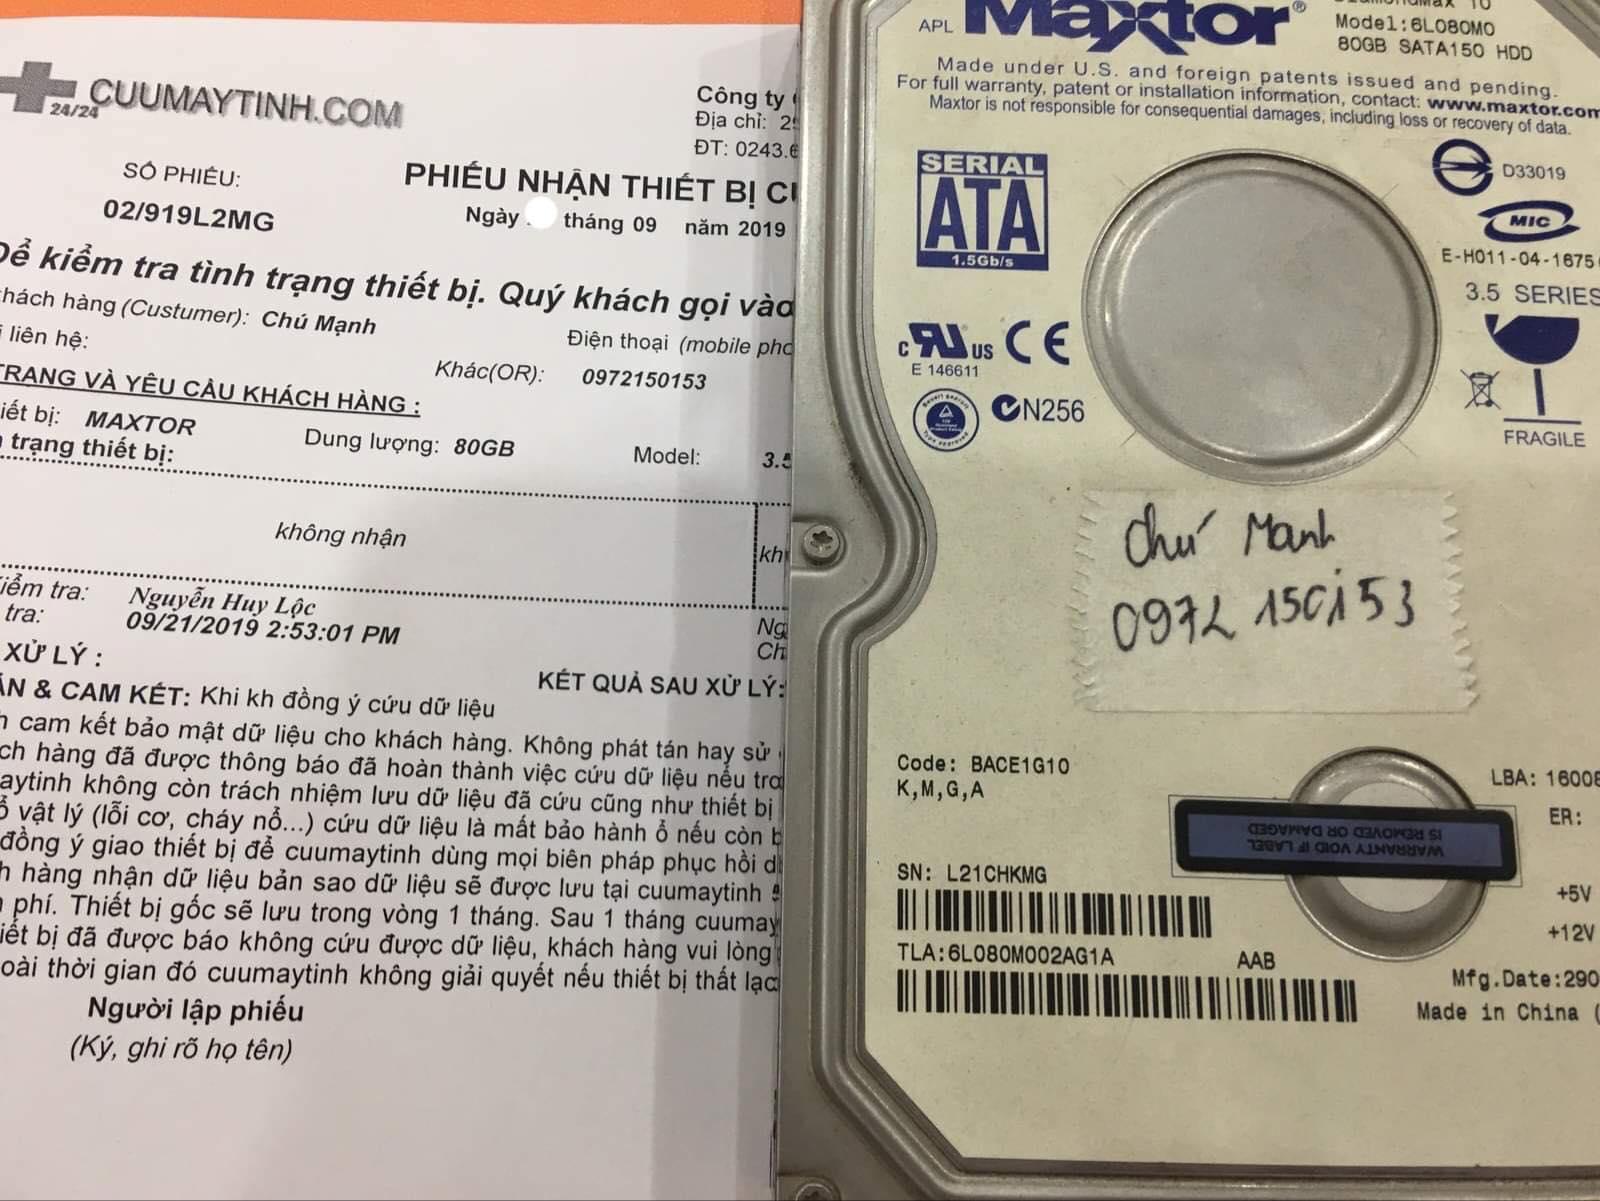 Cứu dữ liệu ổ cứng Maxtor 80GB không nhận 24/09/2019 - cuumaytinh